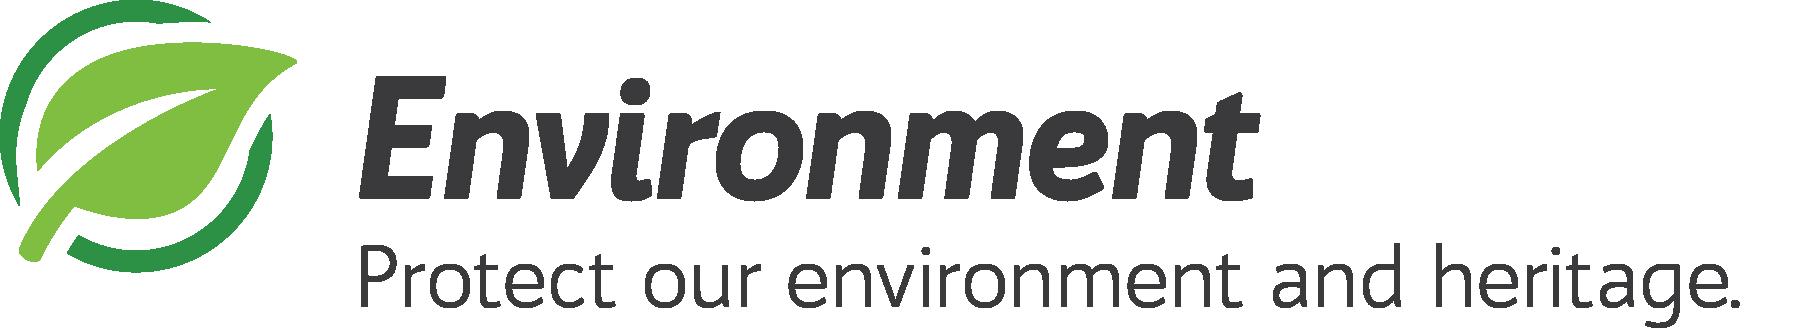 SCAA Value - Environment